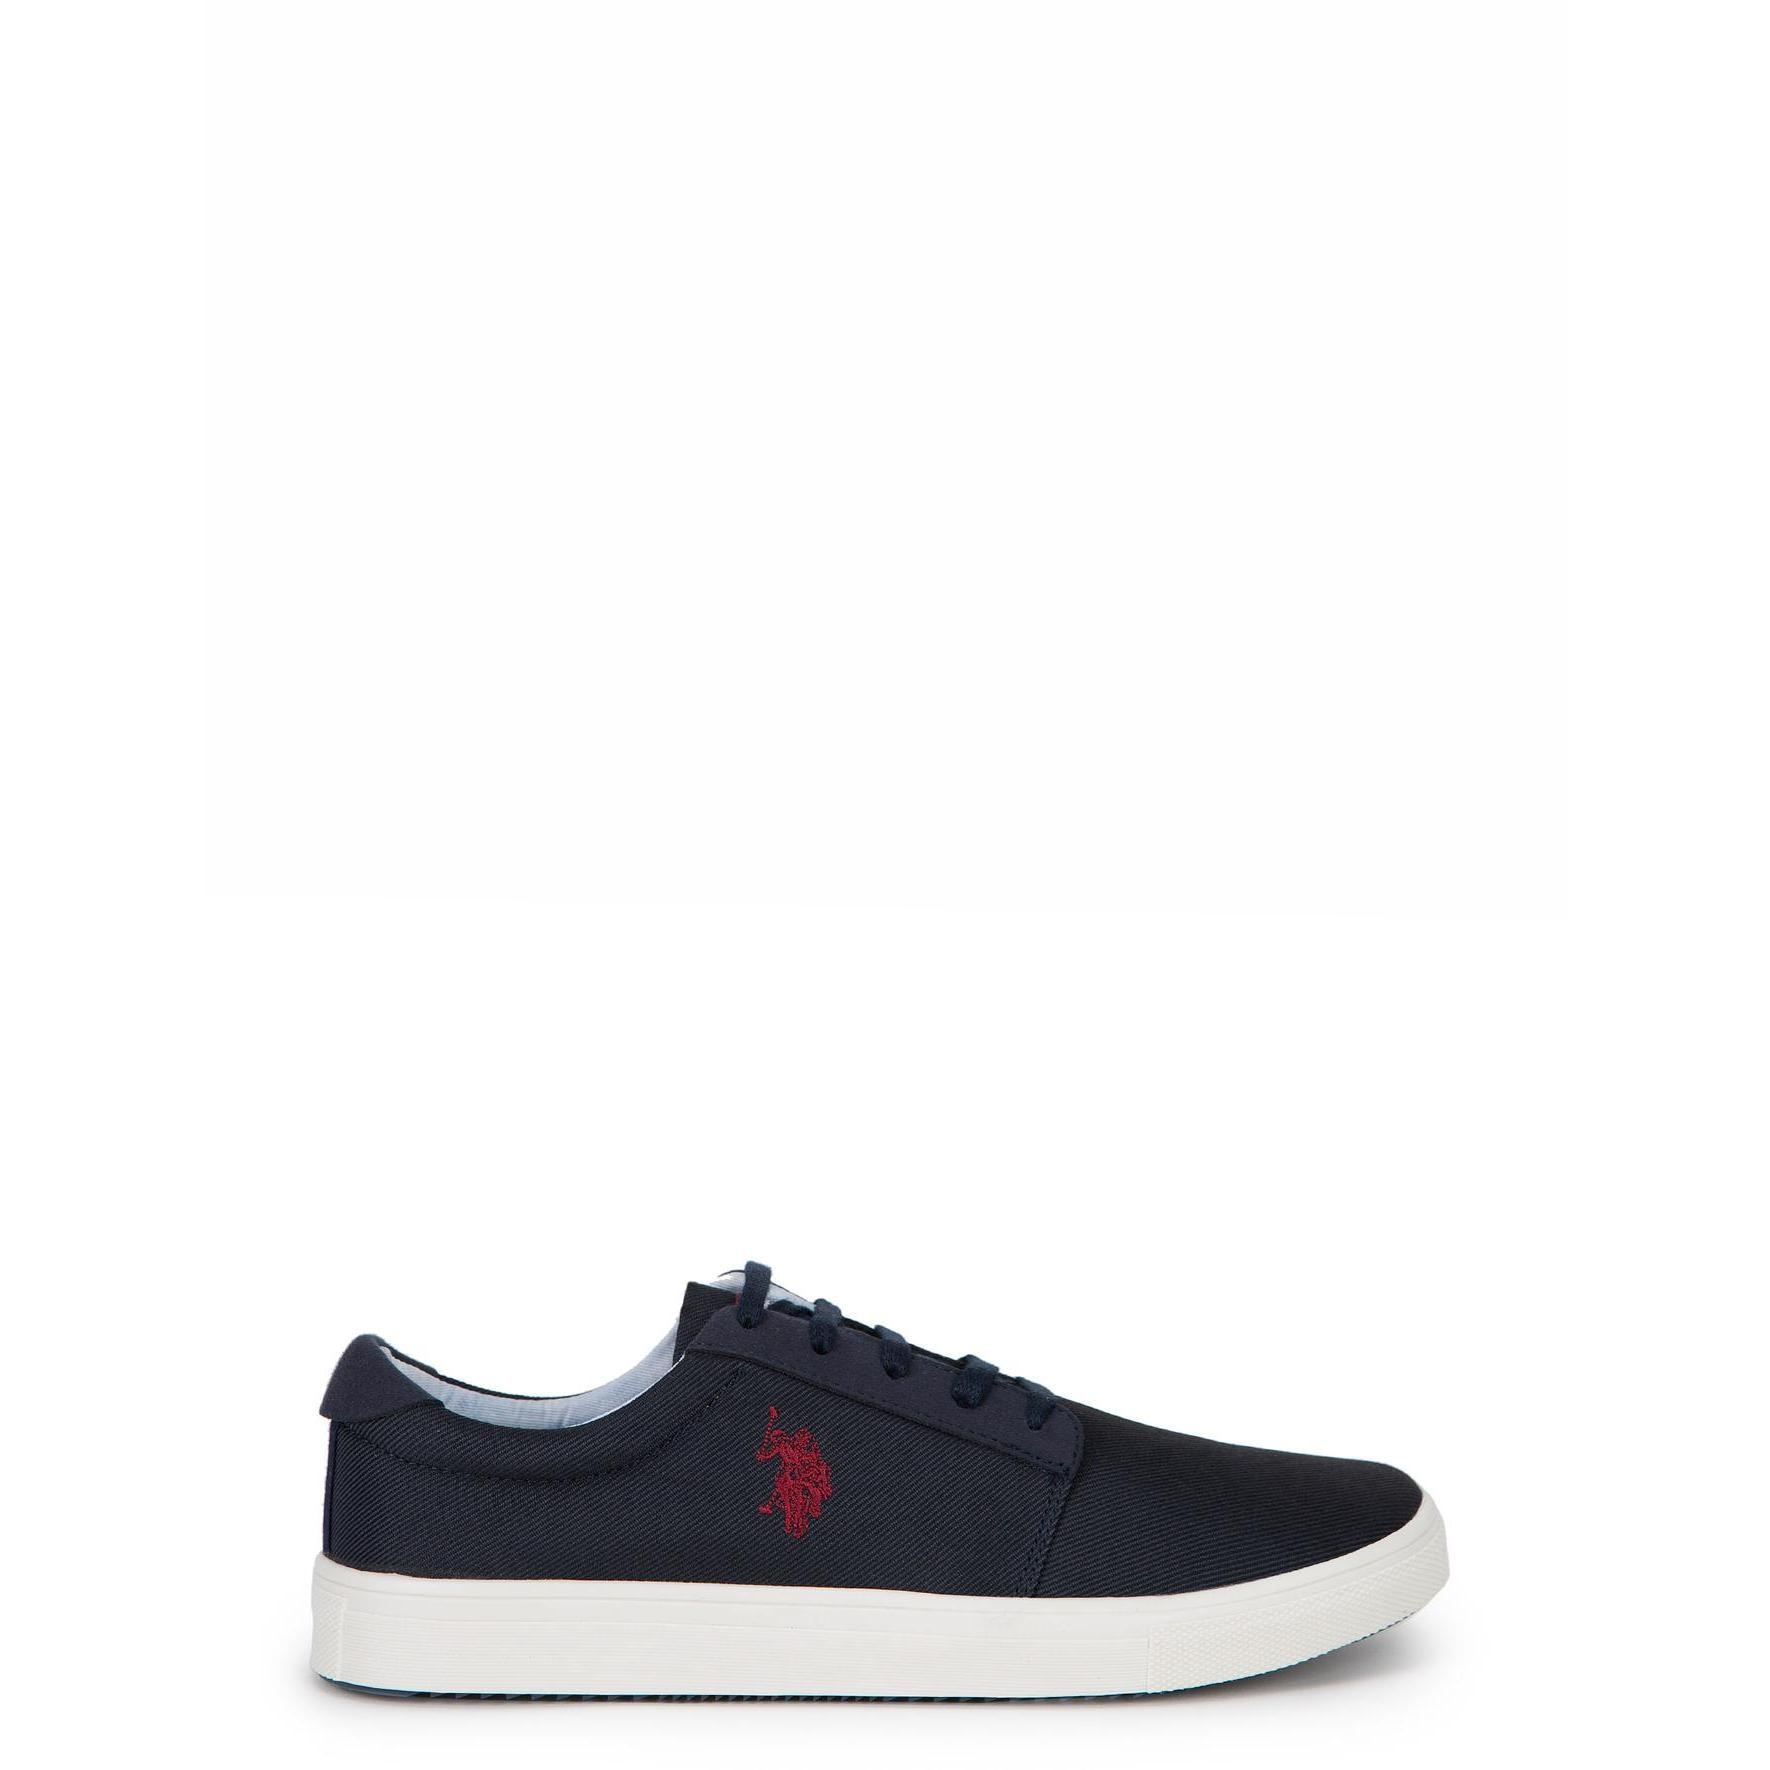 حذاء يو اس بولو اسن ازرق كحلي 50224981 VR033|أحذية التزلج| - AliExpress